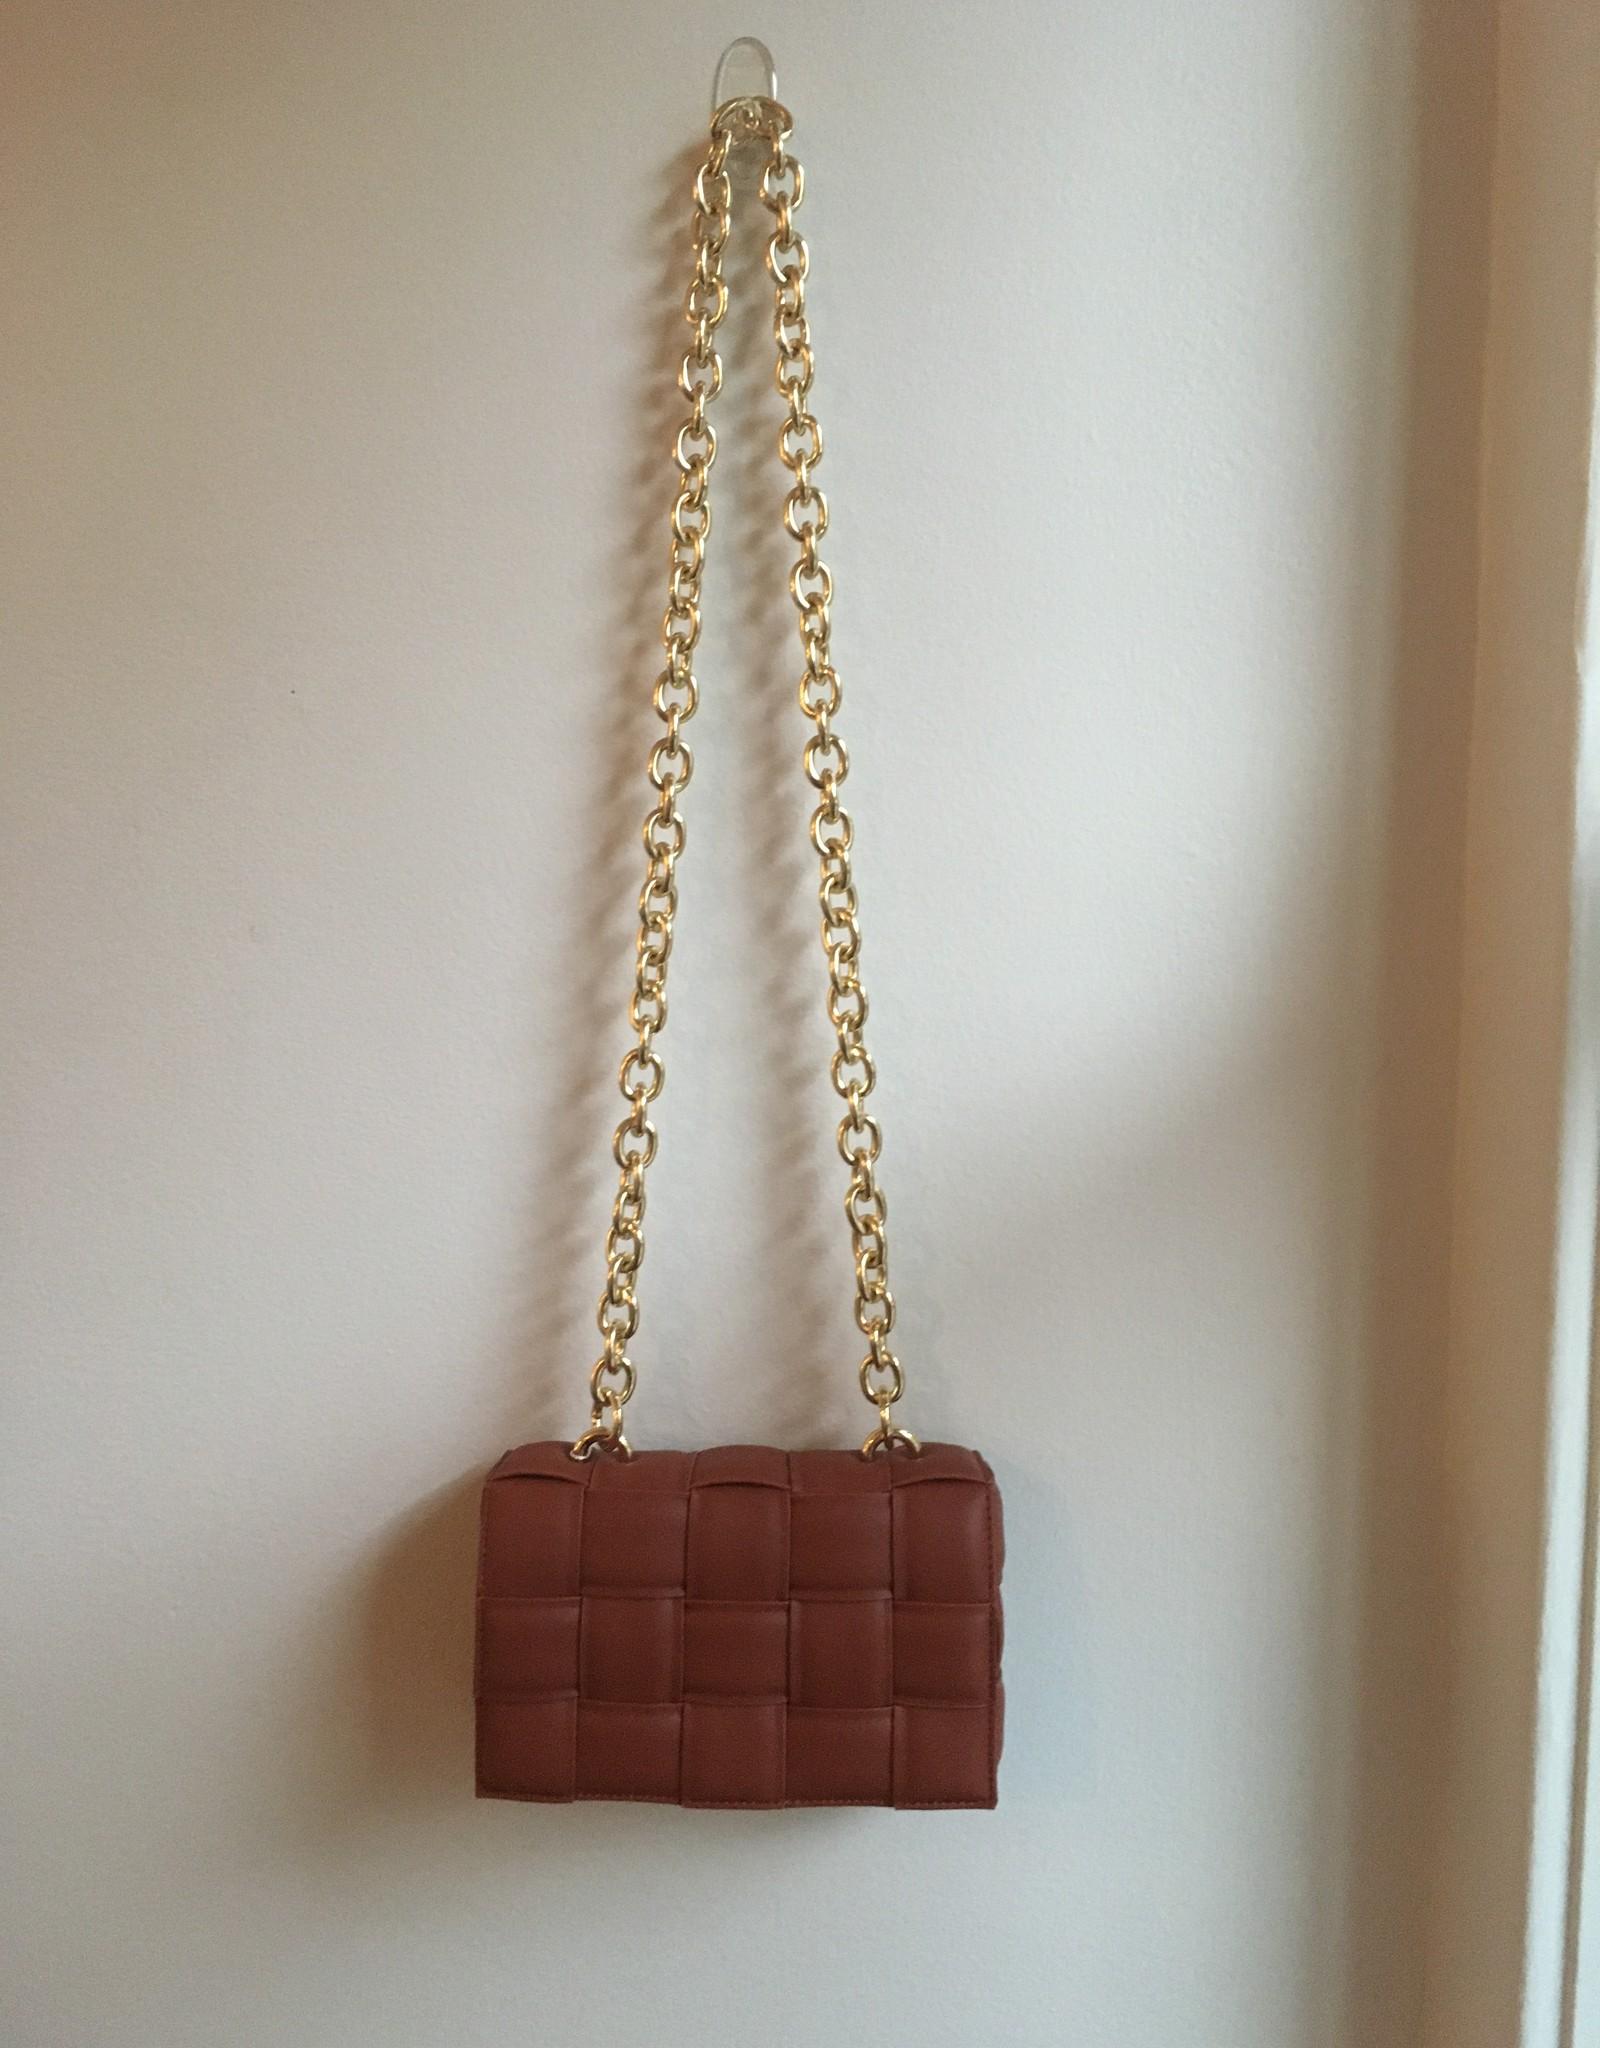 Melie Bianco Anya Shoulder Bag Rust